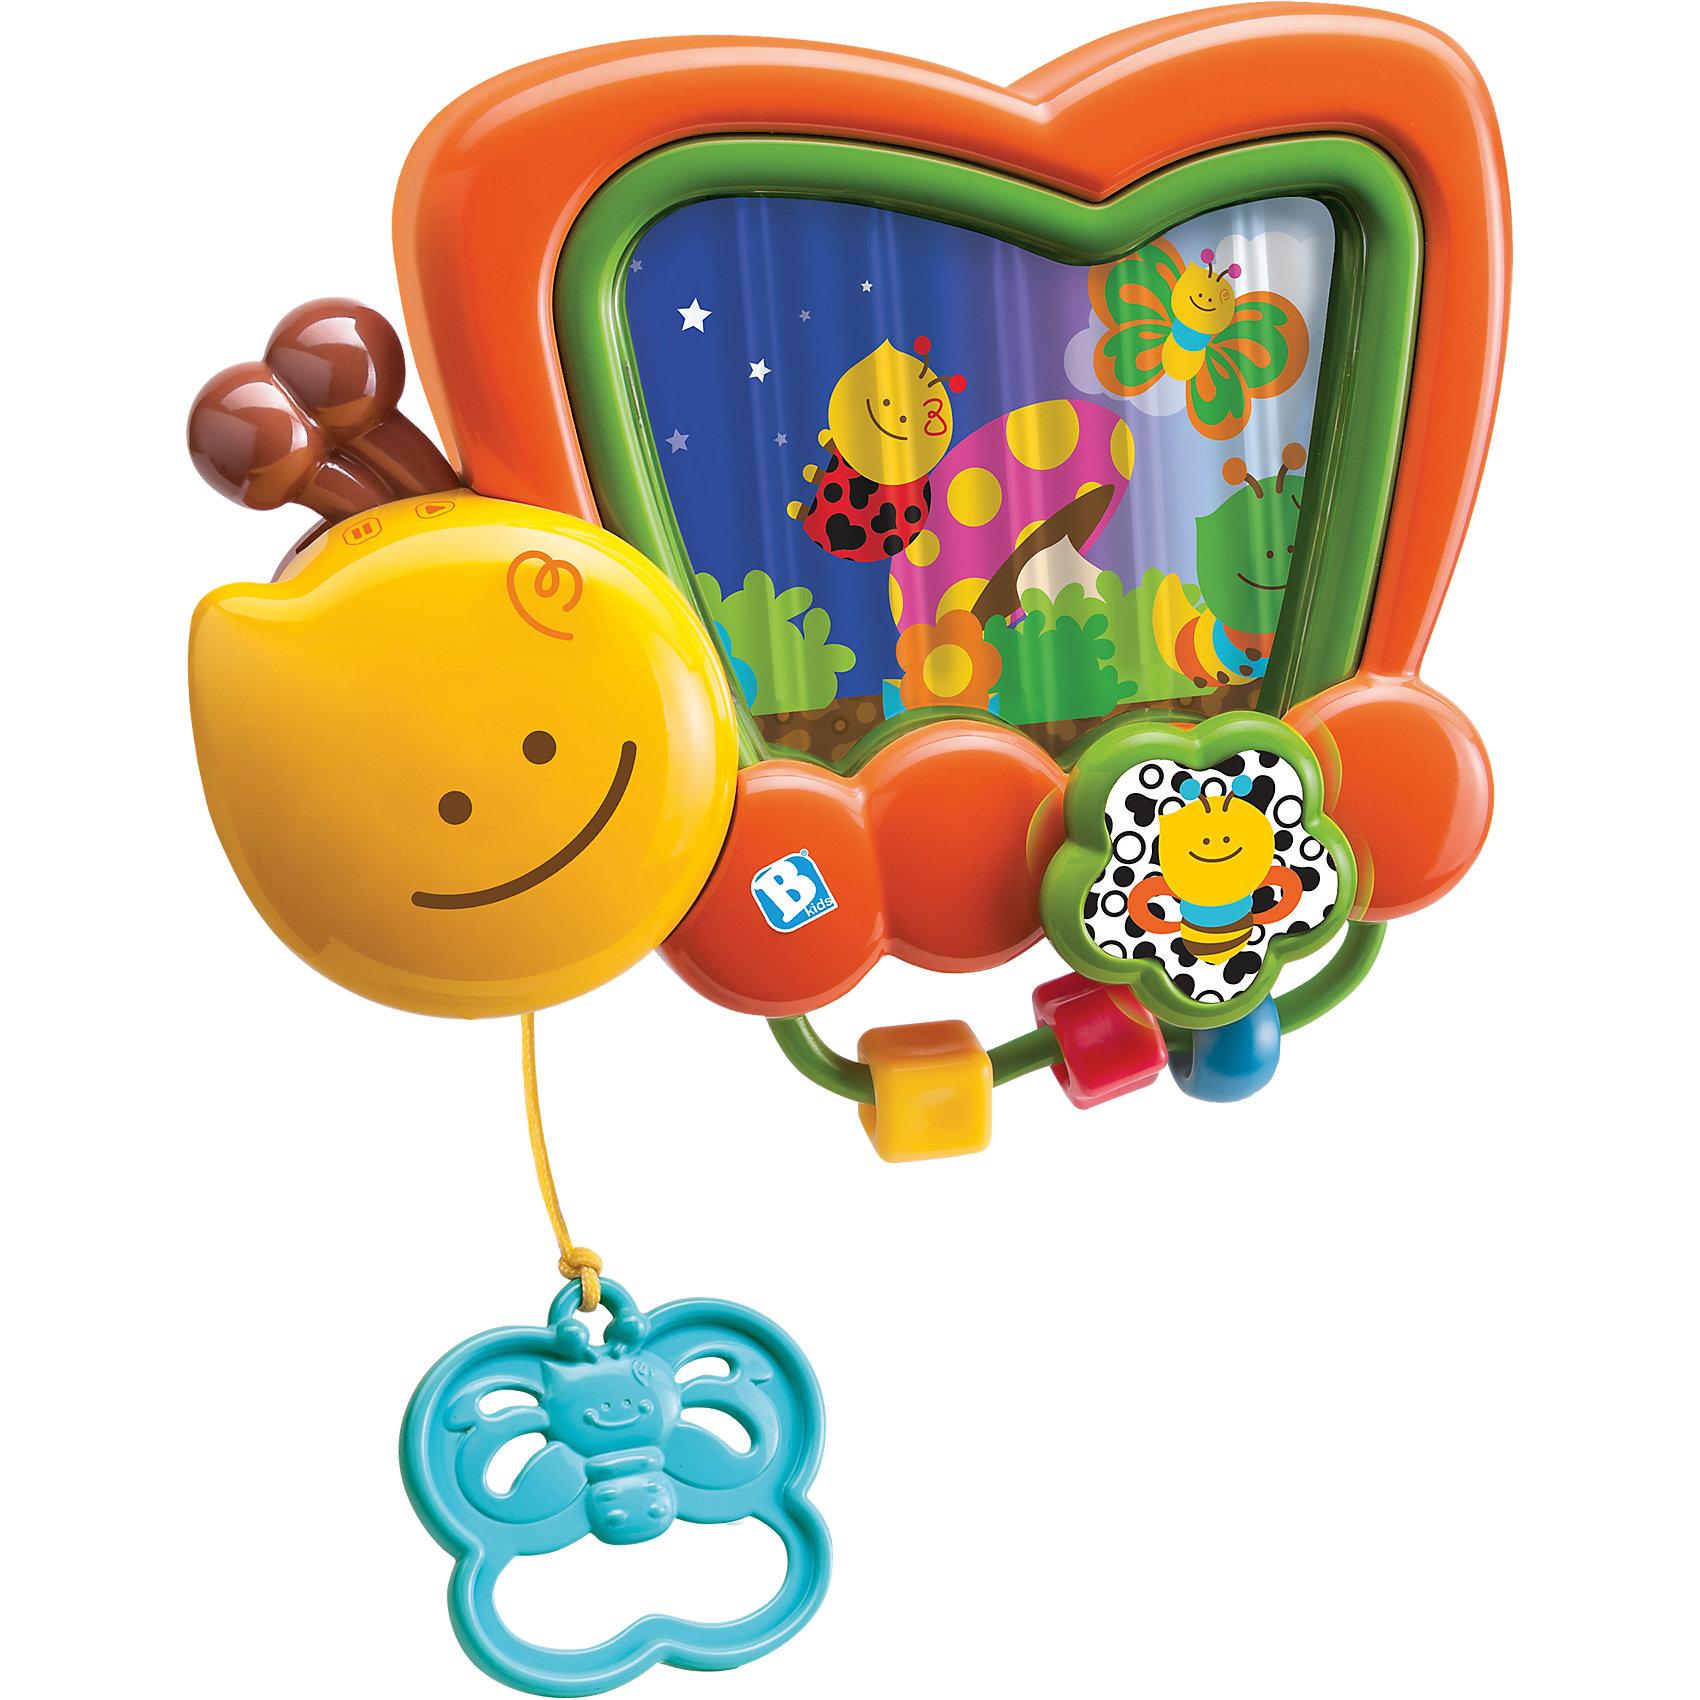 Игрушка Музыкальная шкатулка на кроватку, BKidsИнтерактивные игрушки для малышей<br>Развивать способности ребенка можно с самого раннего возраста. Делая это в игре, малыш всесторонне изучает мир и осваивает новые навыки. Эта игрушка представляет собой музыкальную шкатулку в виде бабочки - она играет мелодии и показывает картинки.<br>Такие игрушки способствуют развитию мелкой моторики, воображения, цвето- и звуковосприятия, тактильных ощущений и обучению. Изделие разработано специально для самых маленьких. Сделано из материалов, безопасных для детей.<br><br>Дополнительная информация:<br><br>цвет: разноцветный;<br>размер упаковки: 25 х 9 х 23 см;<br>возраст: с рождения.<br><br>Игрушку Музыкальная шкатулка на кроватку от бренда BKids можно купить в нашем интернет-магазине.<br><br>Ширина мм: 89<br>Глубина мм: 228<br>Высота мм: 254<br>Вес г: 454<br>Возраст от месяцев: 0<br>Возраст до месяцев: 12<br>Пол: Унисекс<br>Возраст: Детский<br>SKU: 5055377